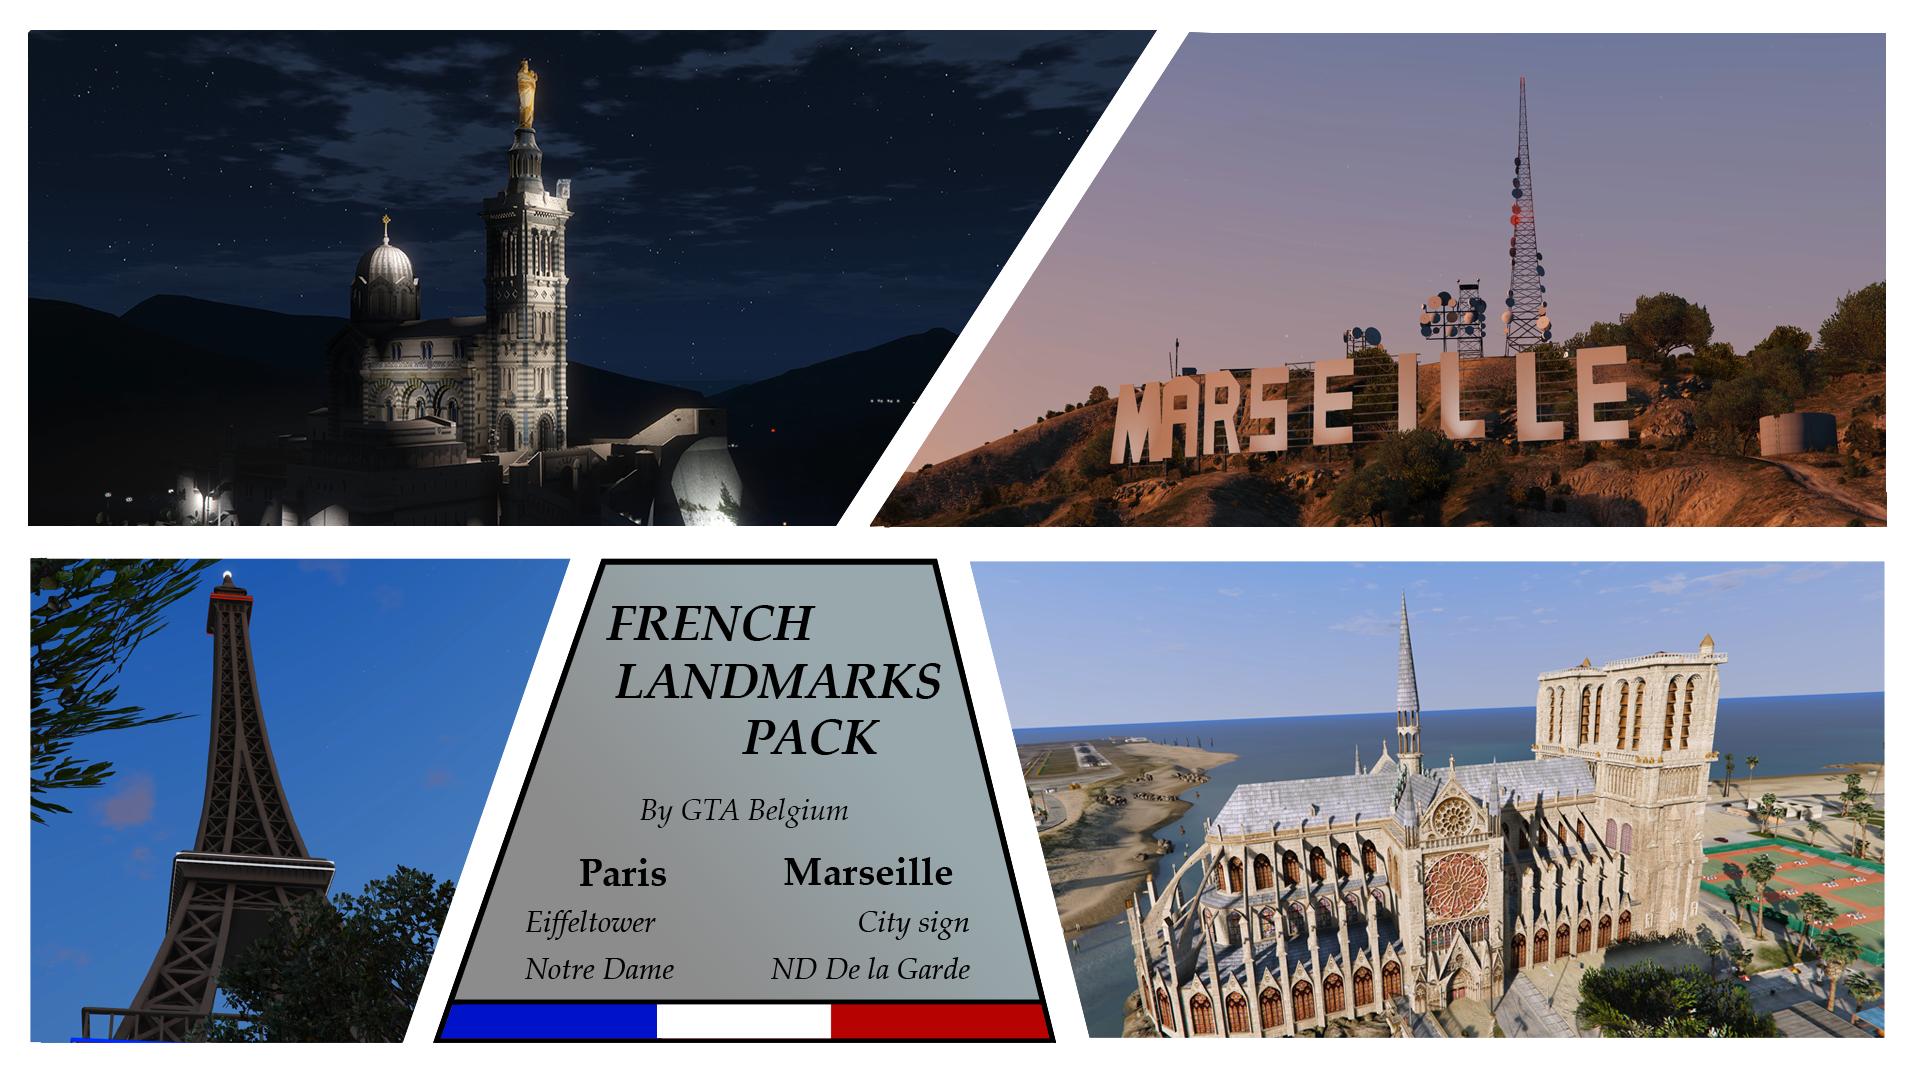 French Landmarks pack